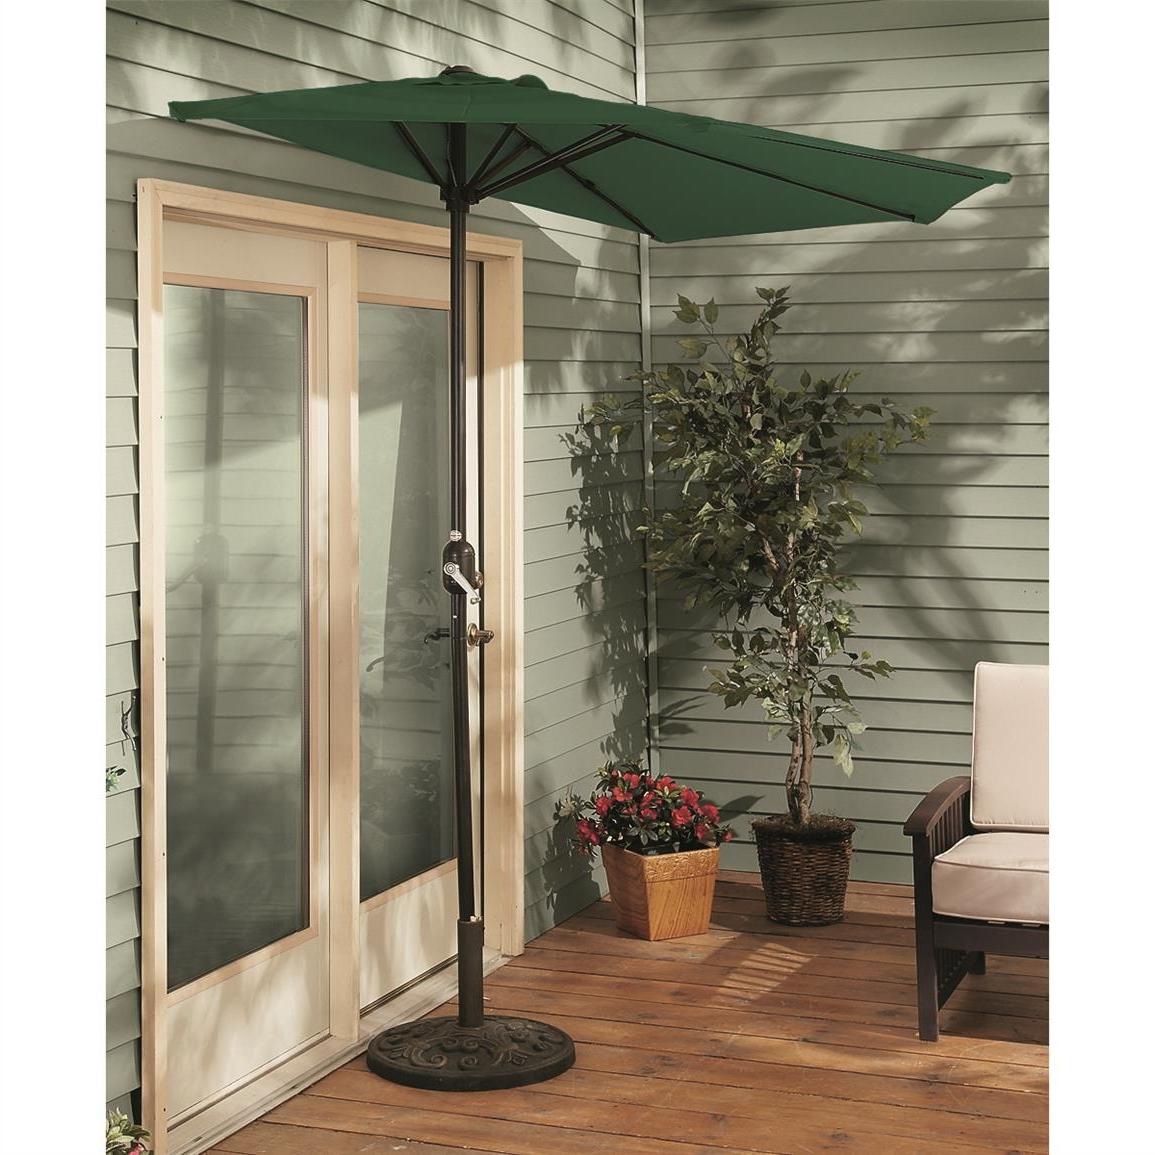 Half Patio Umbrellas Regarding Preferred Castlecreek 8' Half Round Patio Umbrella – 235556, Patio Umbrellas (View 9 of 20)